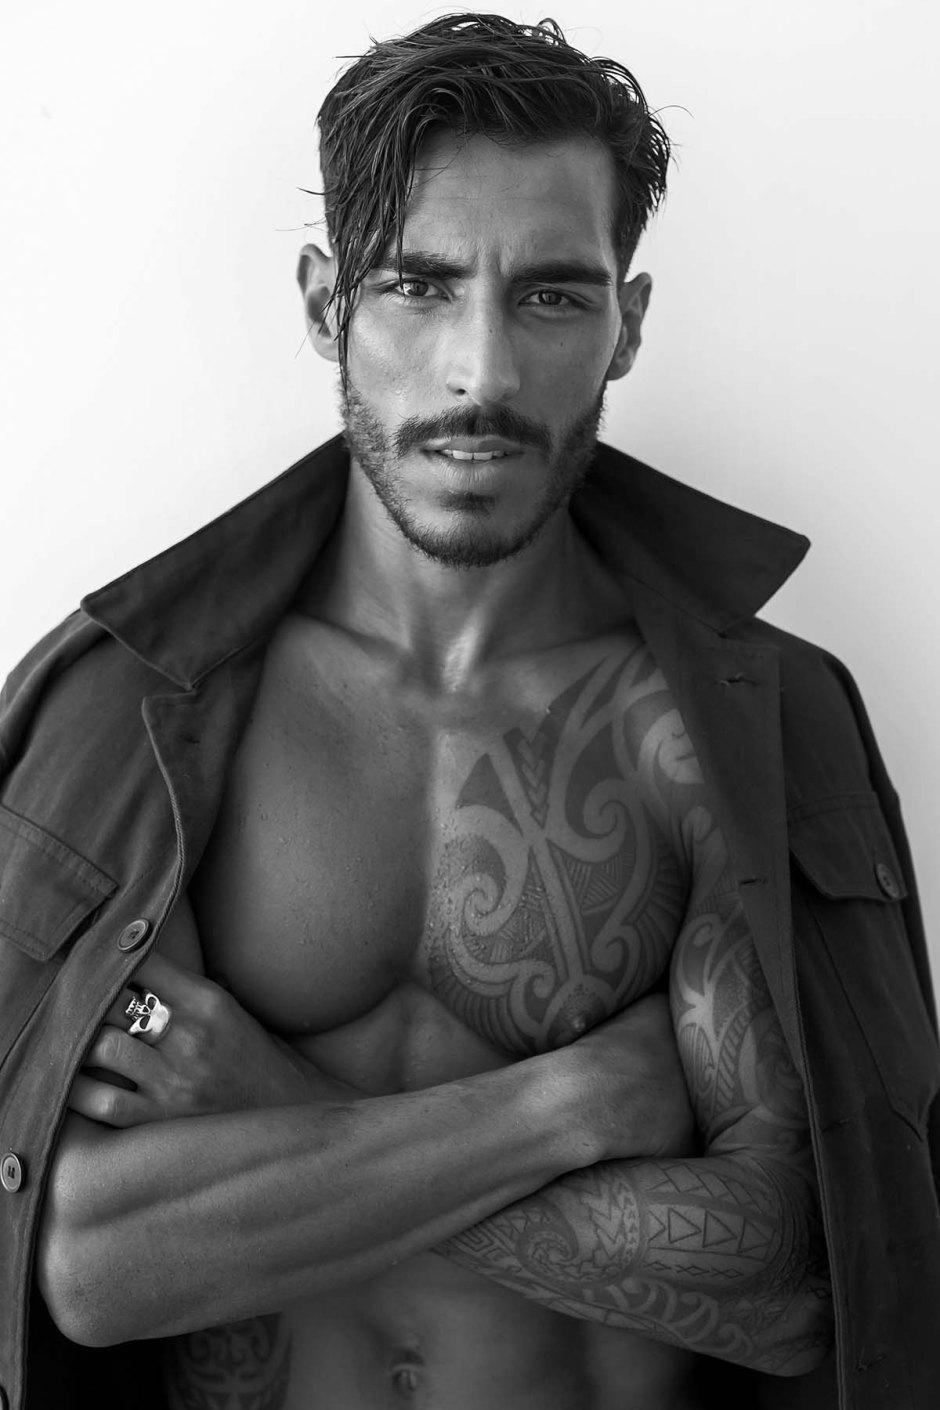 Paulo Philippe by Thiago Martini for Brazilian Male Model_008